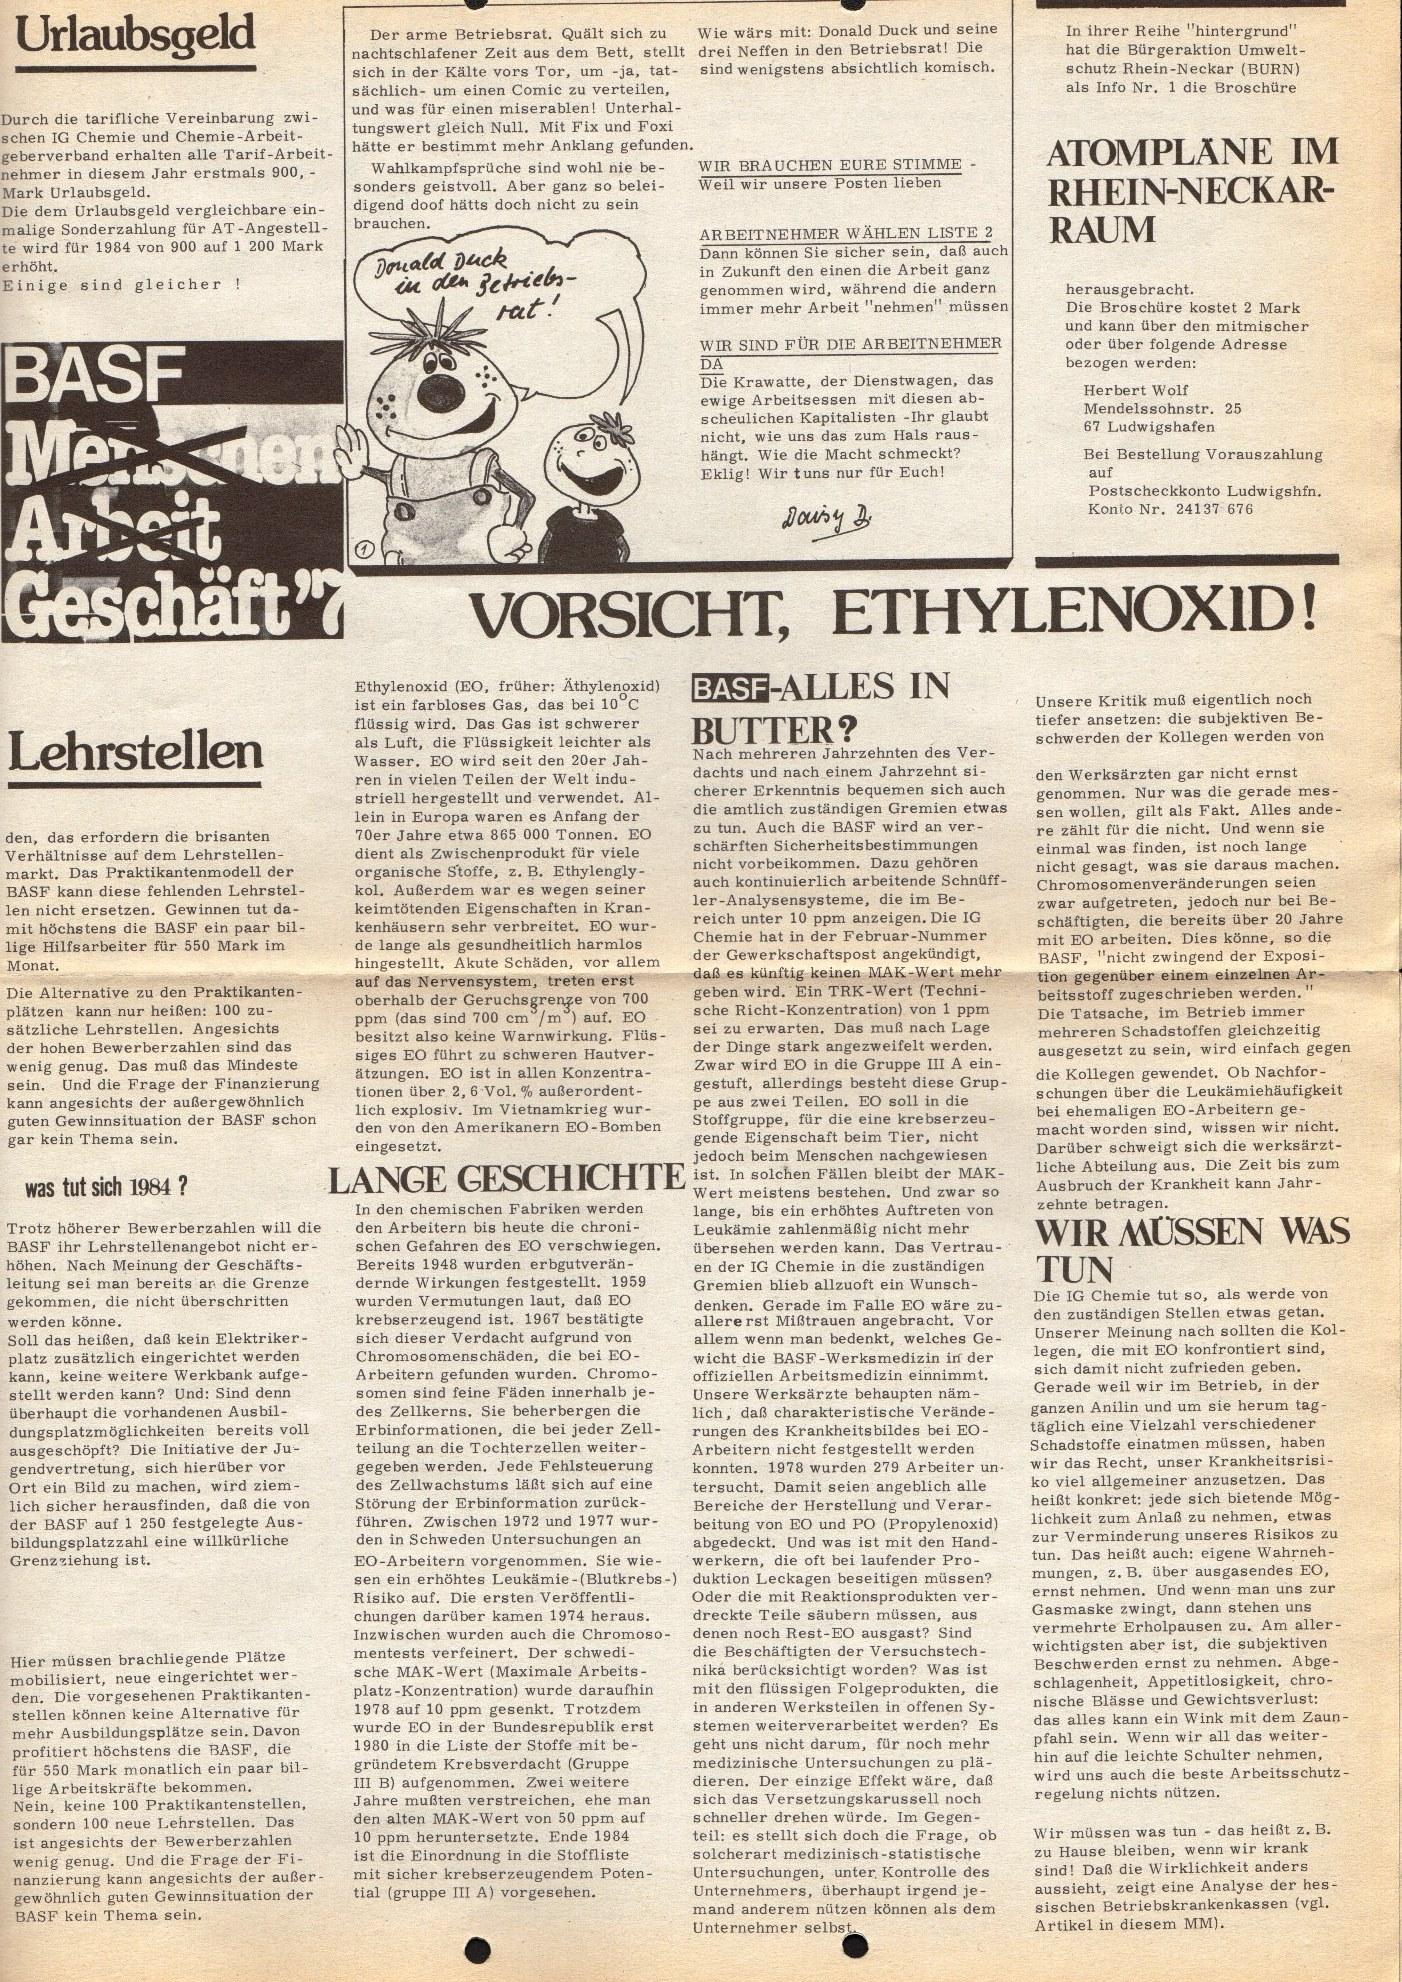 Ludwigshafen_Mitmischer_1984_23_03